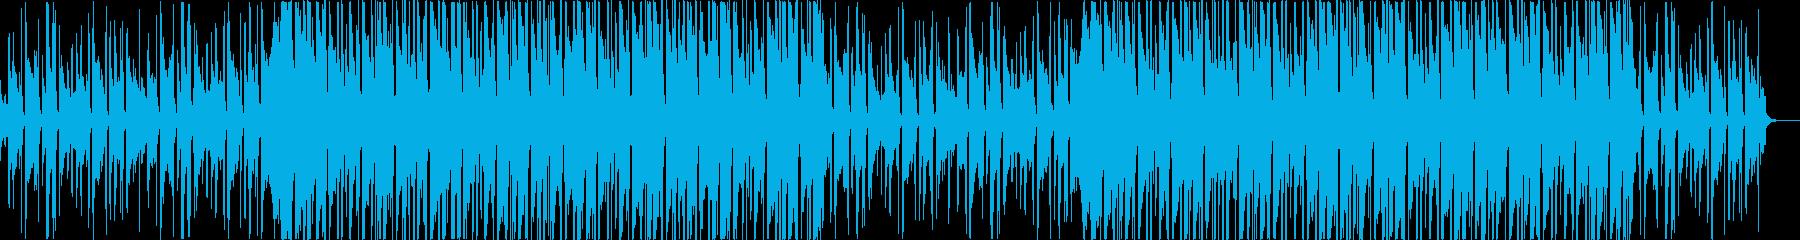 チルアウト洋楽CMアコギヒップホップaの再生済みの波形